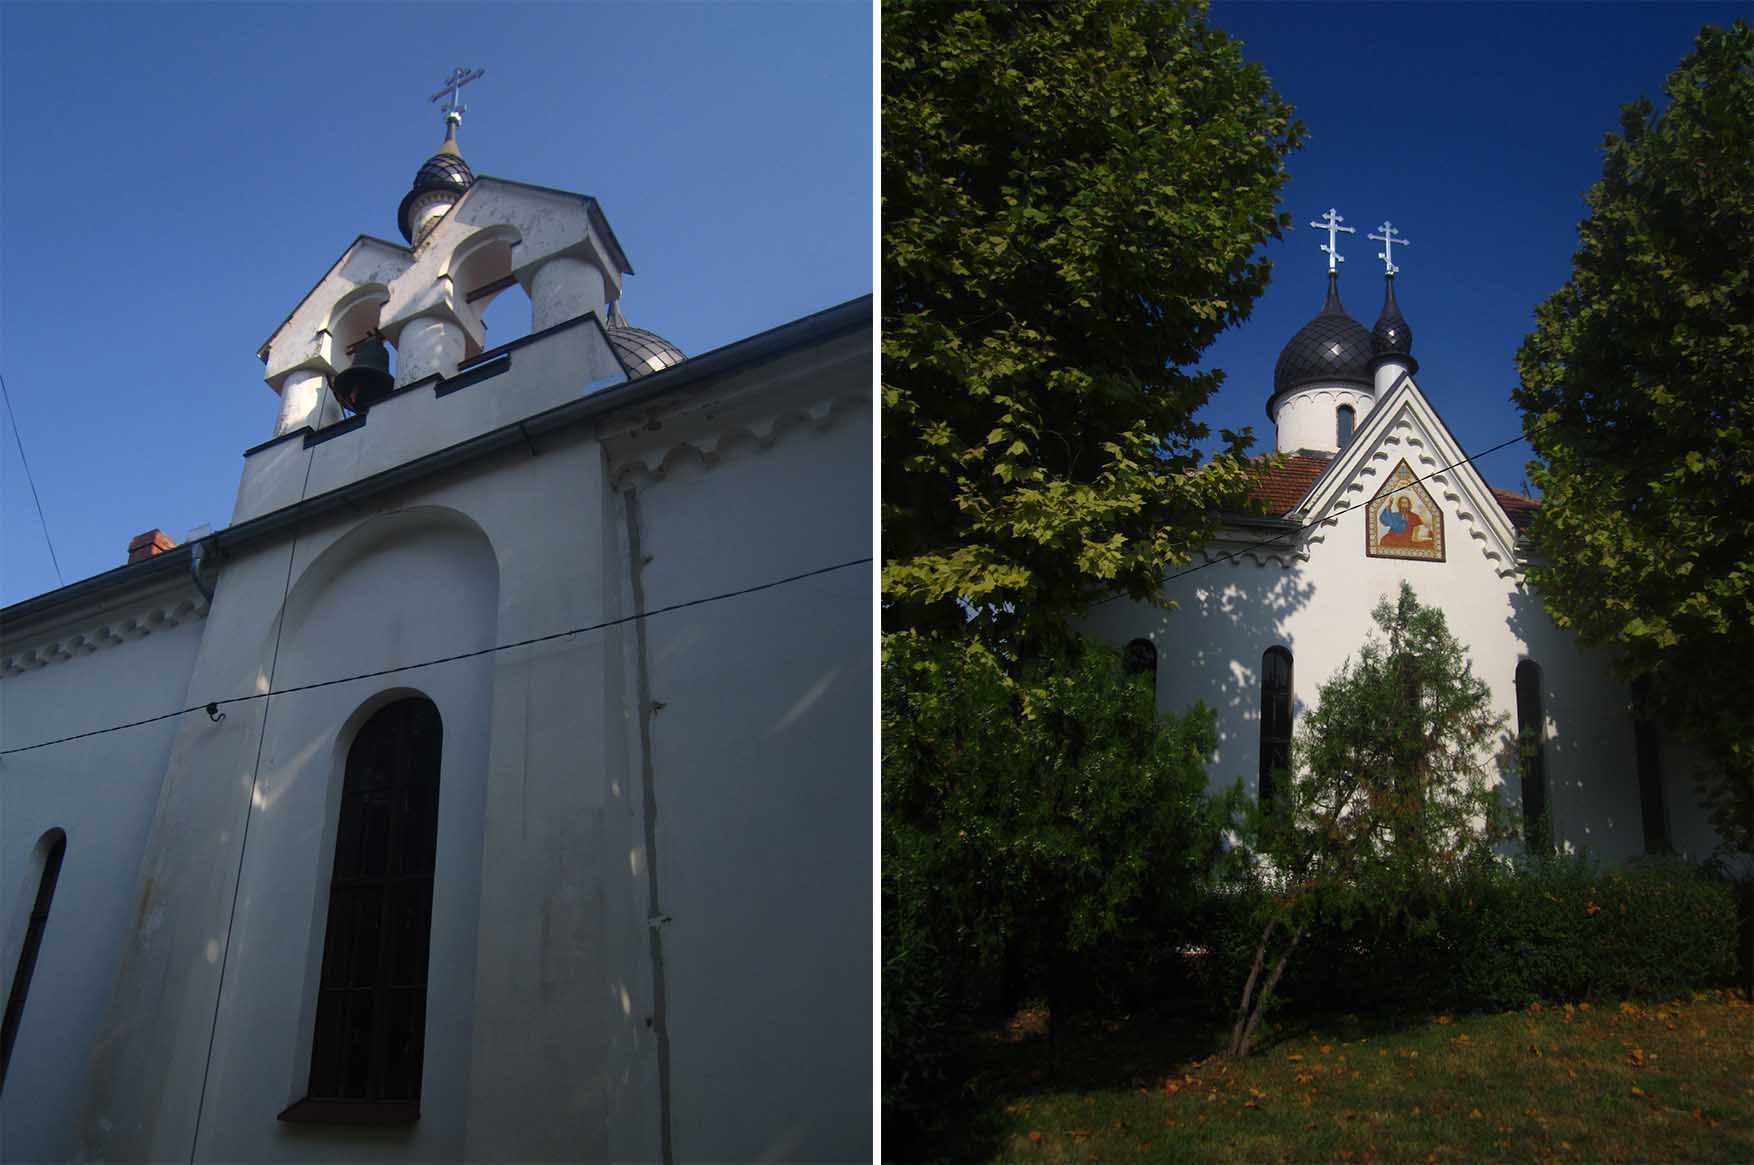 121 Bela Crkva